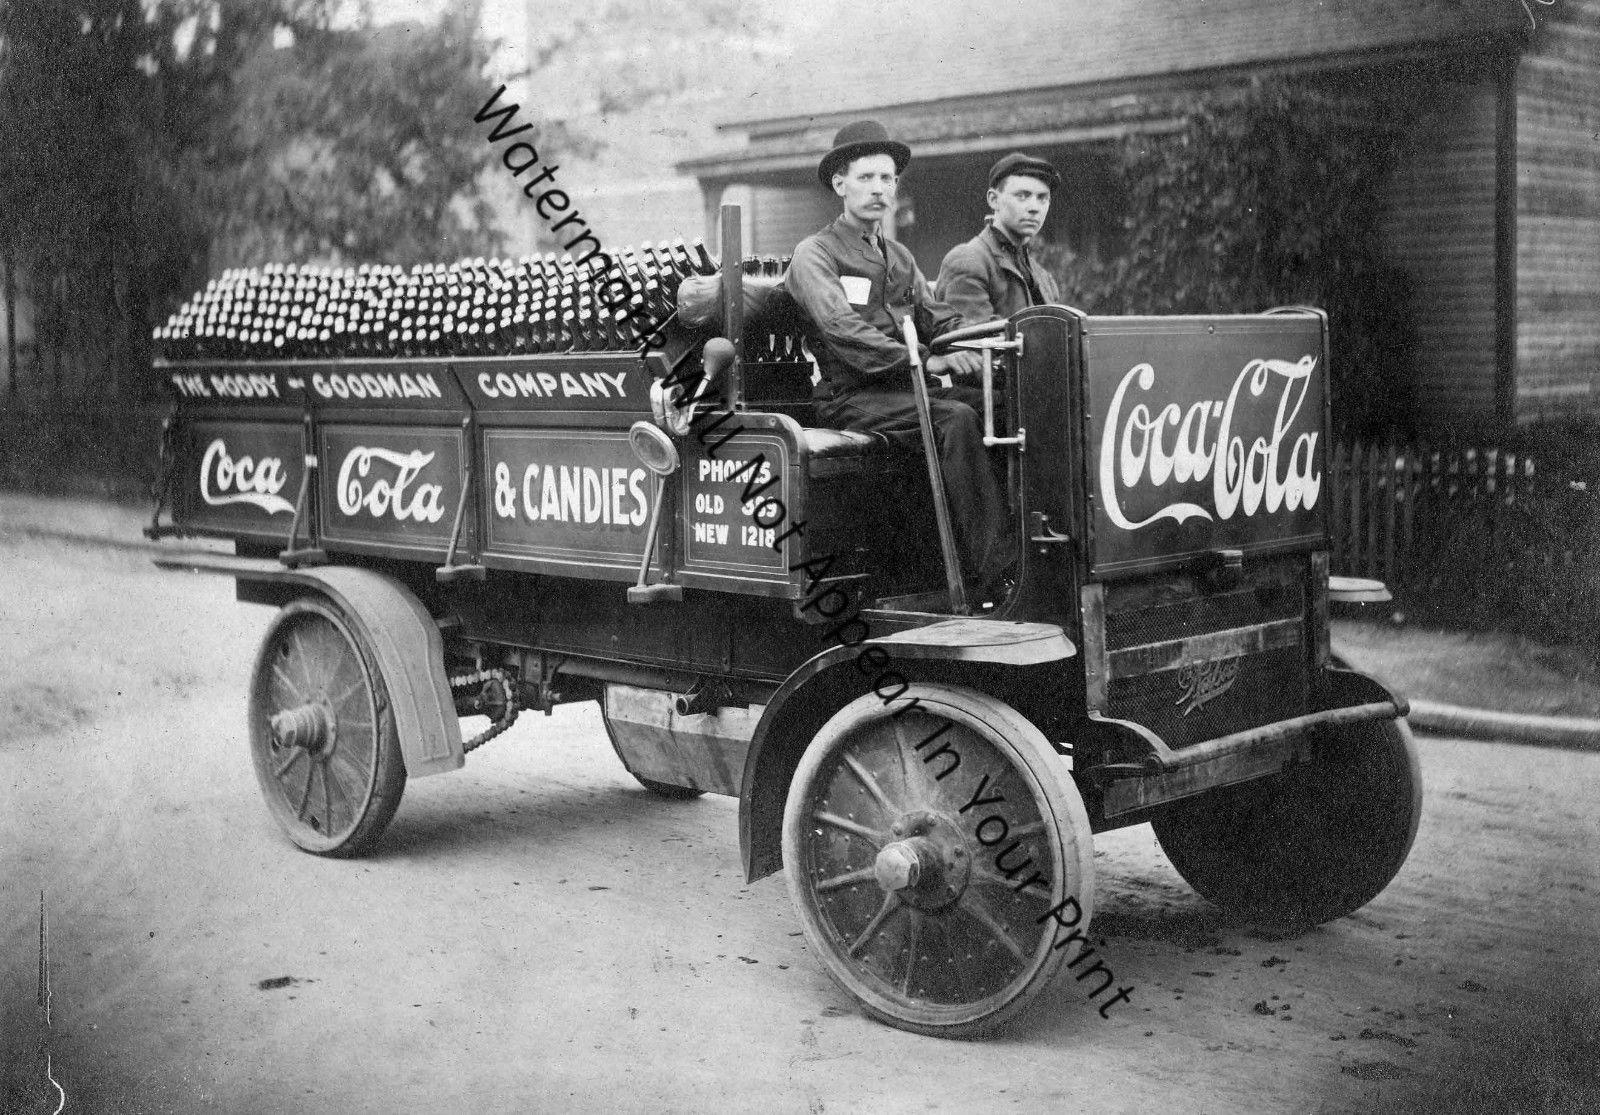 OLD ANTIQUE VINTAGE Coca Cola Delivery Truck Sales Advertising RARE ...